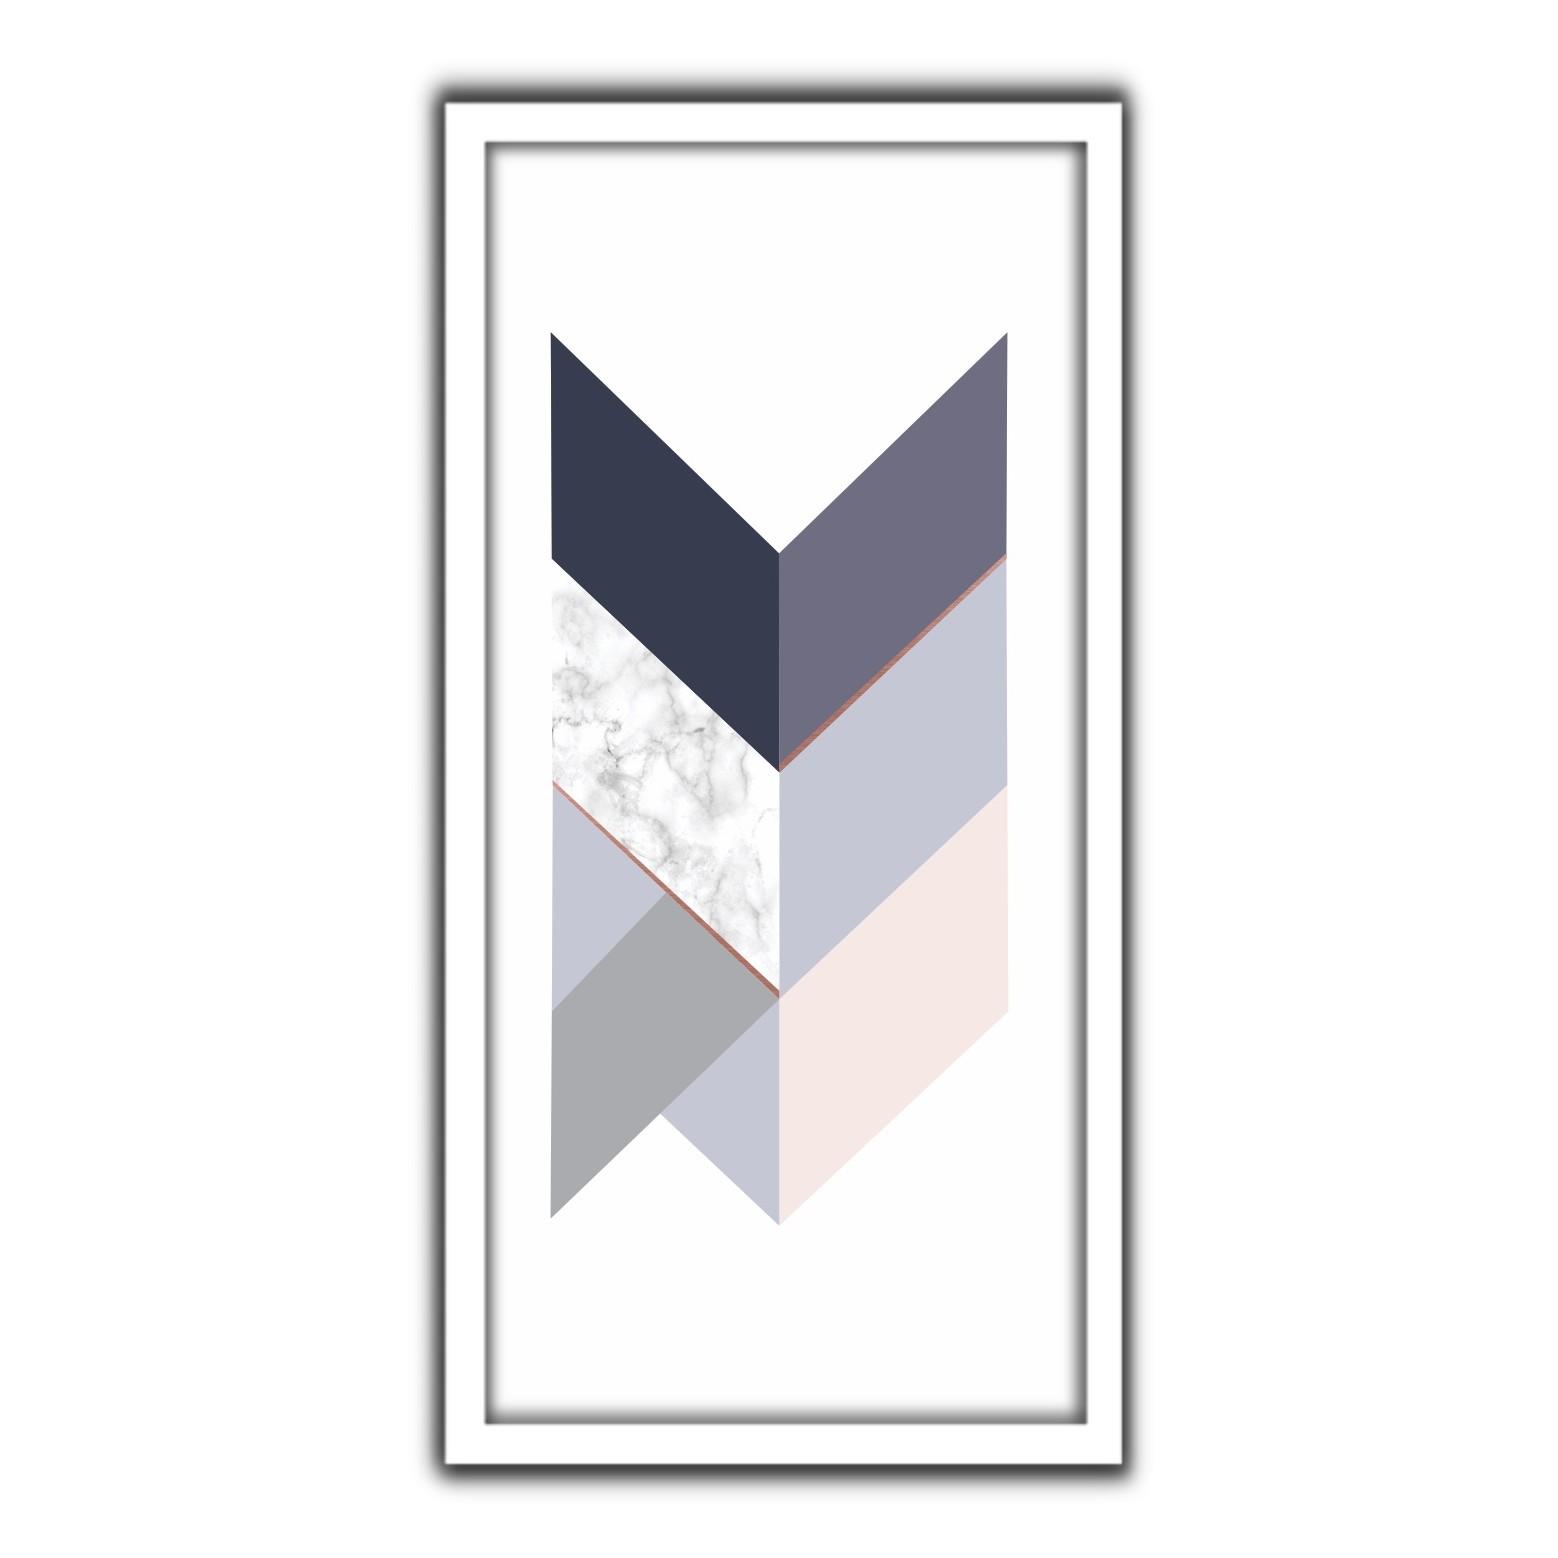 Quadro Decorativo 33x70cm Geometrico 90416 - Art Frame